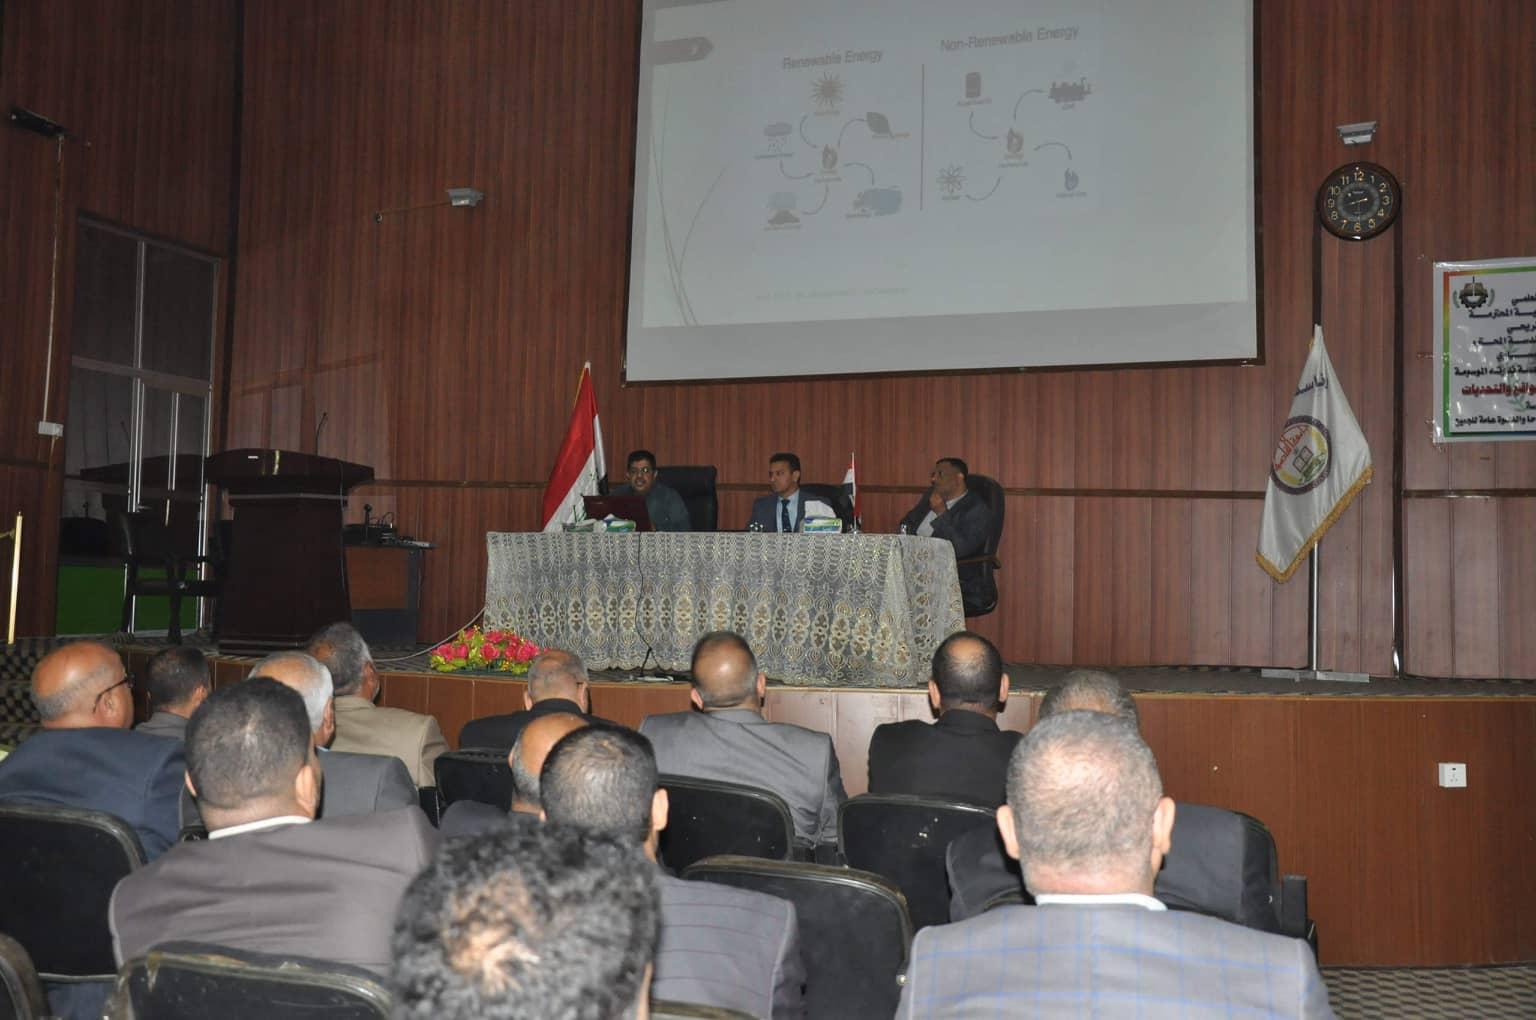 كلية الهندسة تعقد ندوة حول انتاج الطاقة الكهربائية في العراق